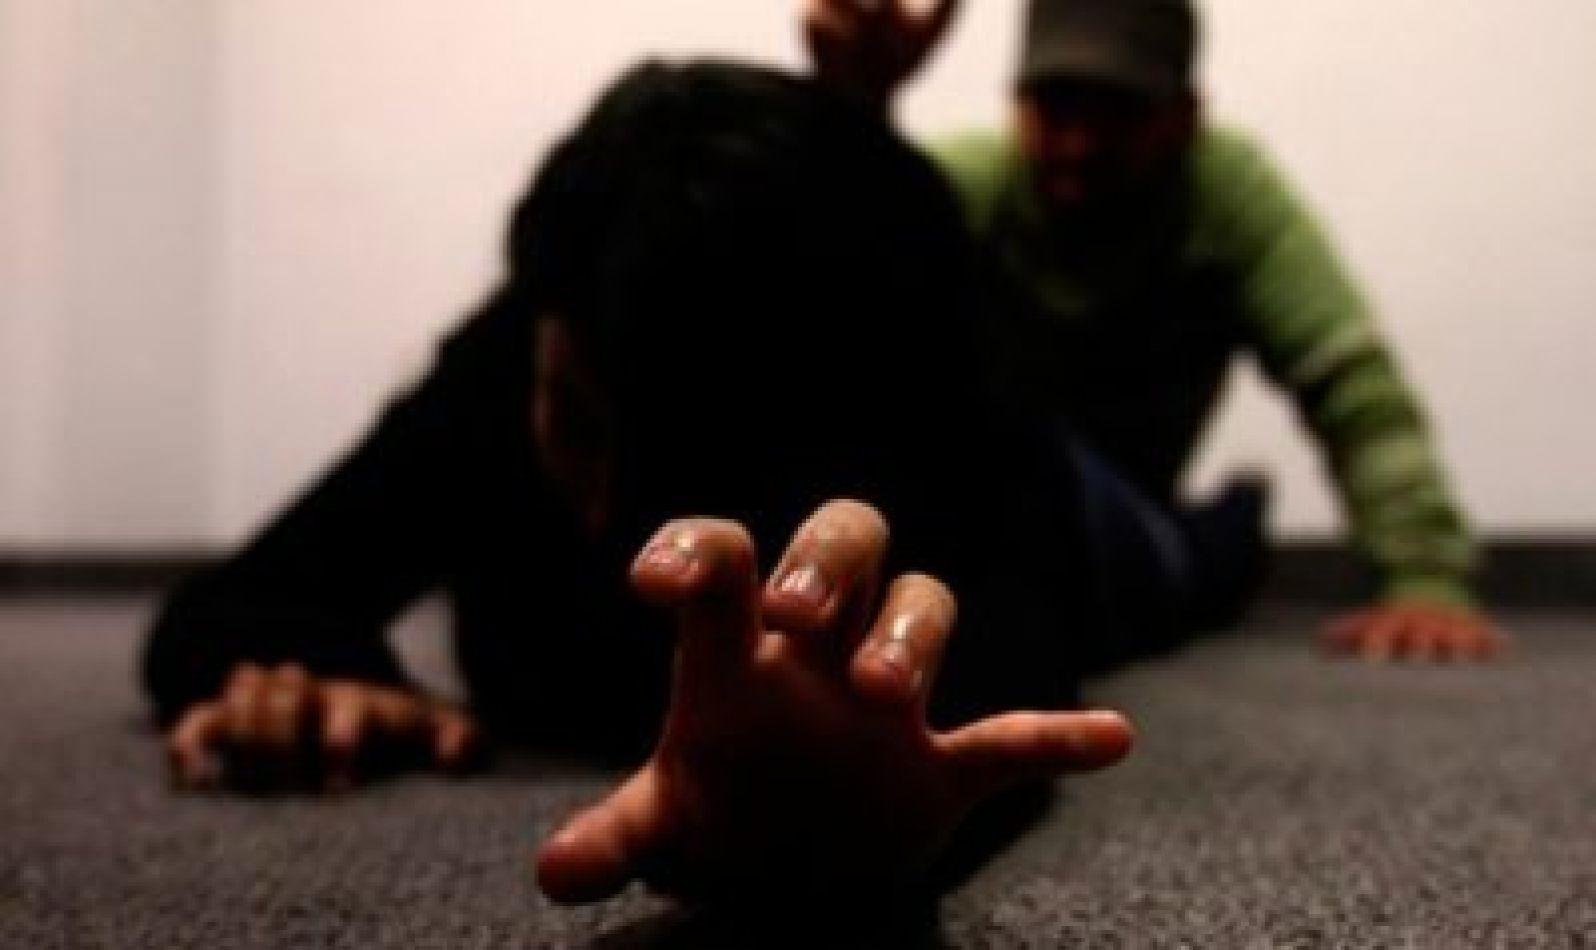 Dos jóvenes condenados a prisión por abusar de una adolescente